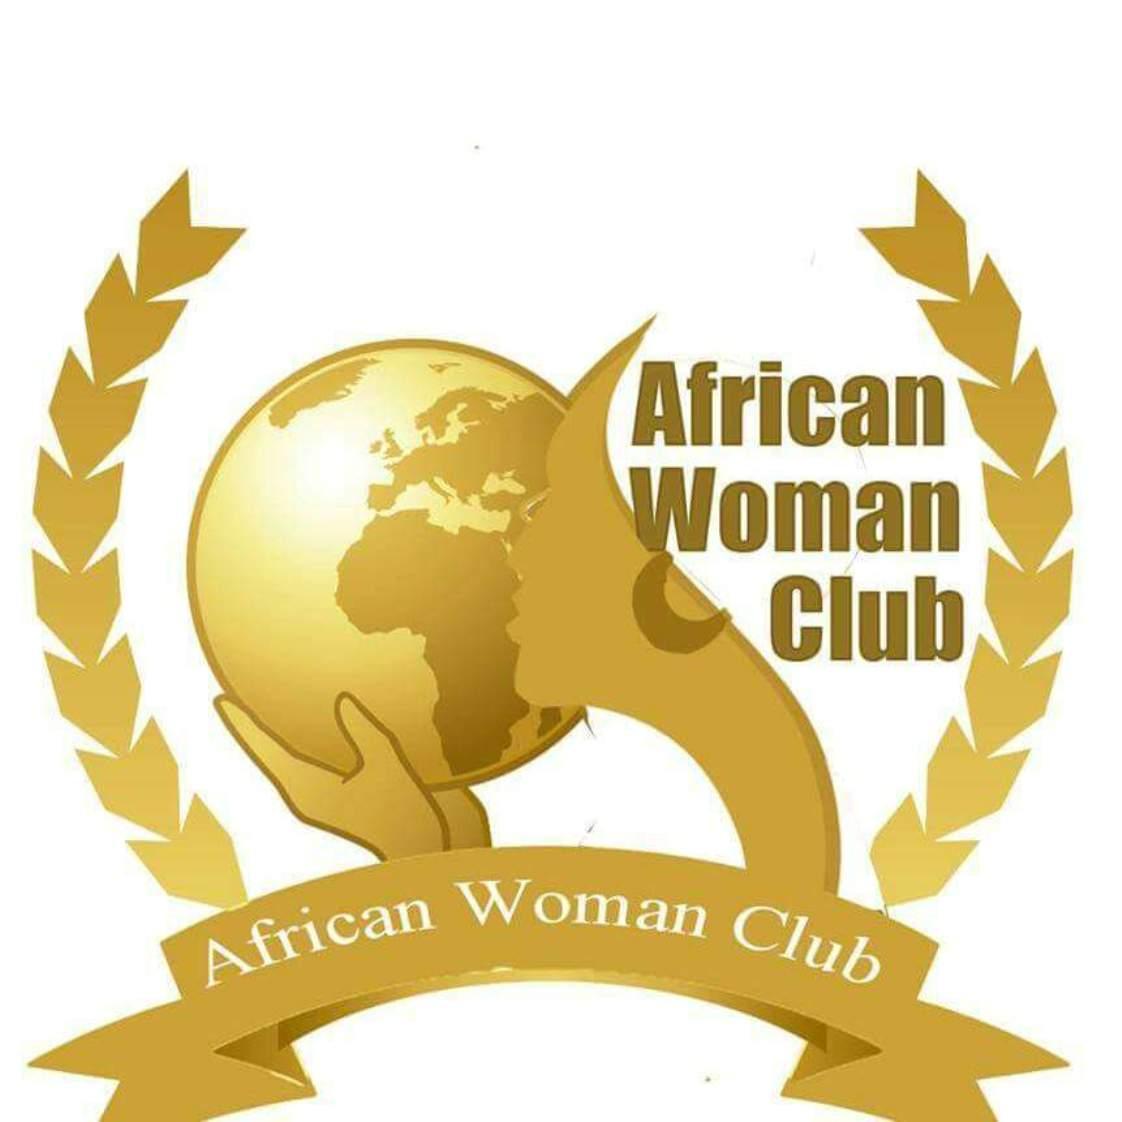 اليوم تحتفل المرأة الأفريقية بأصالة المرأة الليبية بمصر